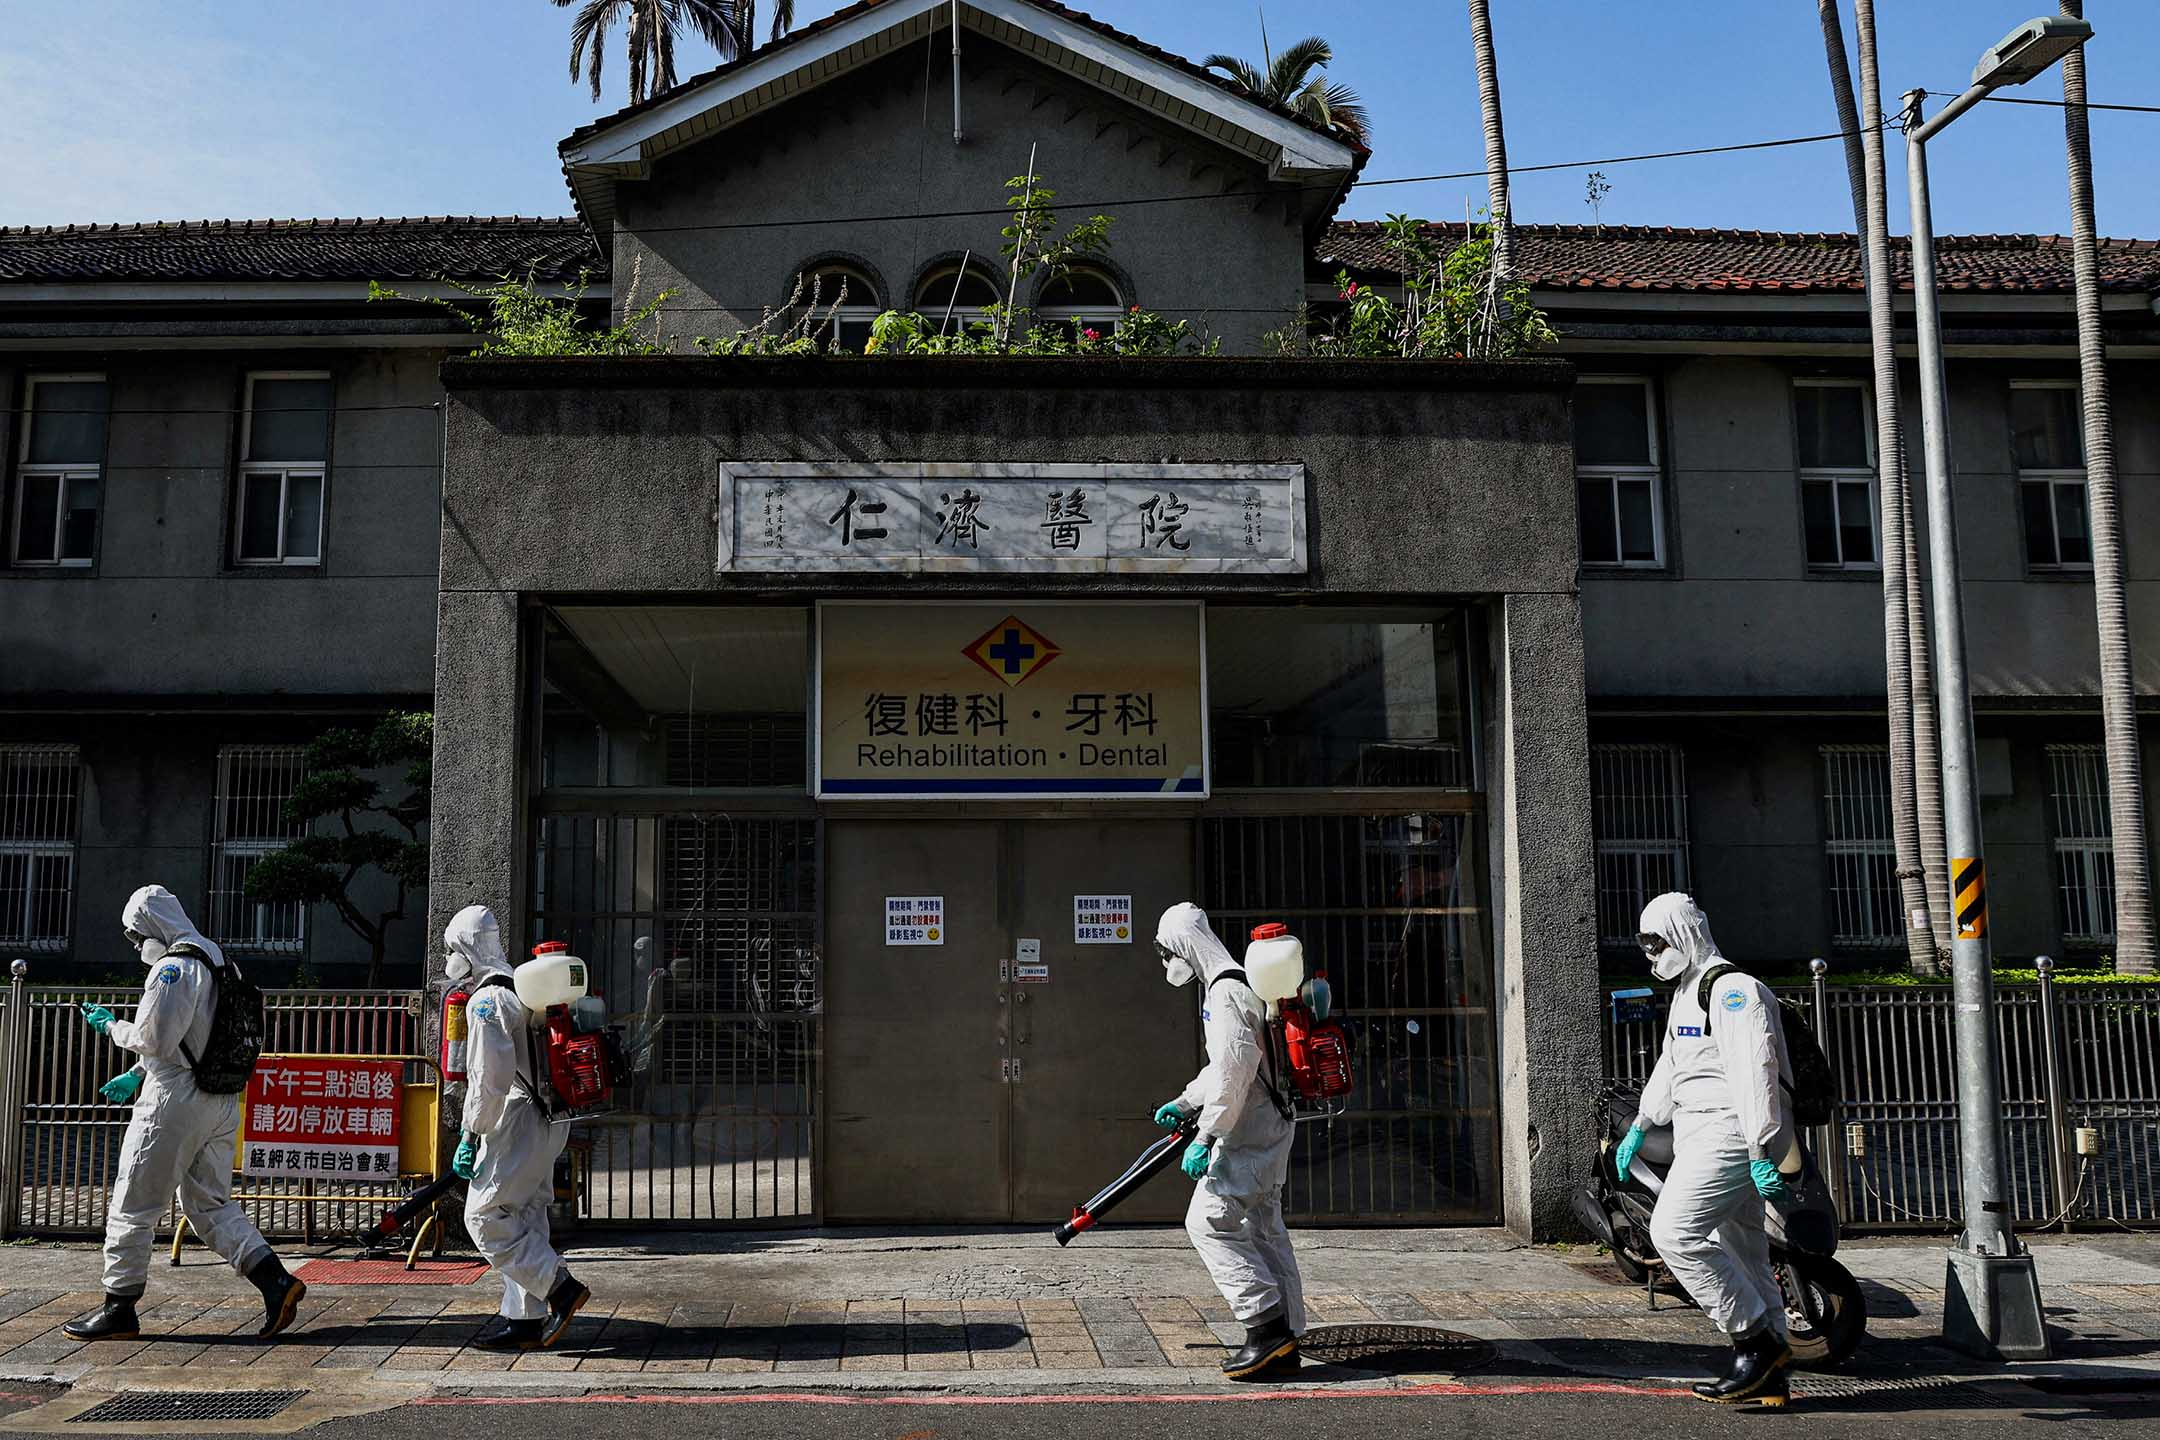 2021年5月16日,台北萬華區進行消毒。